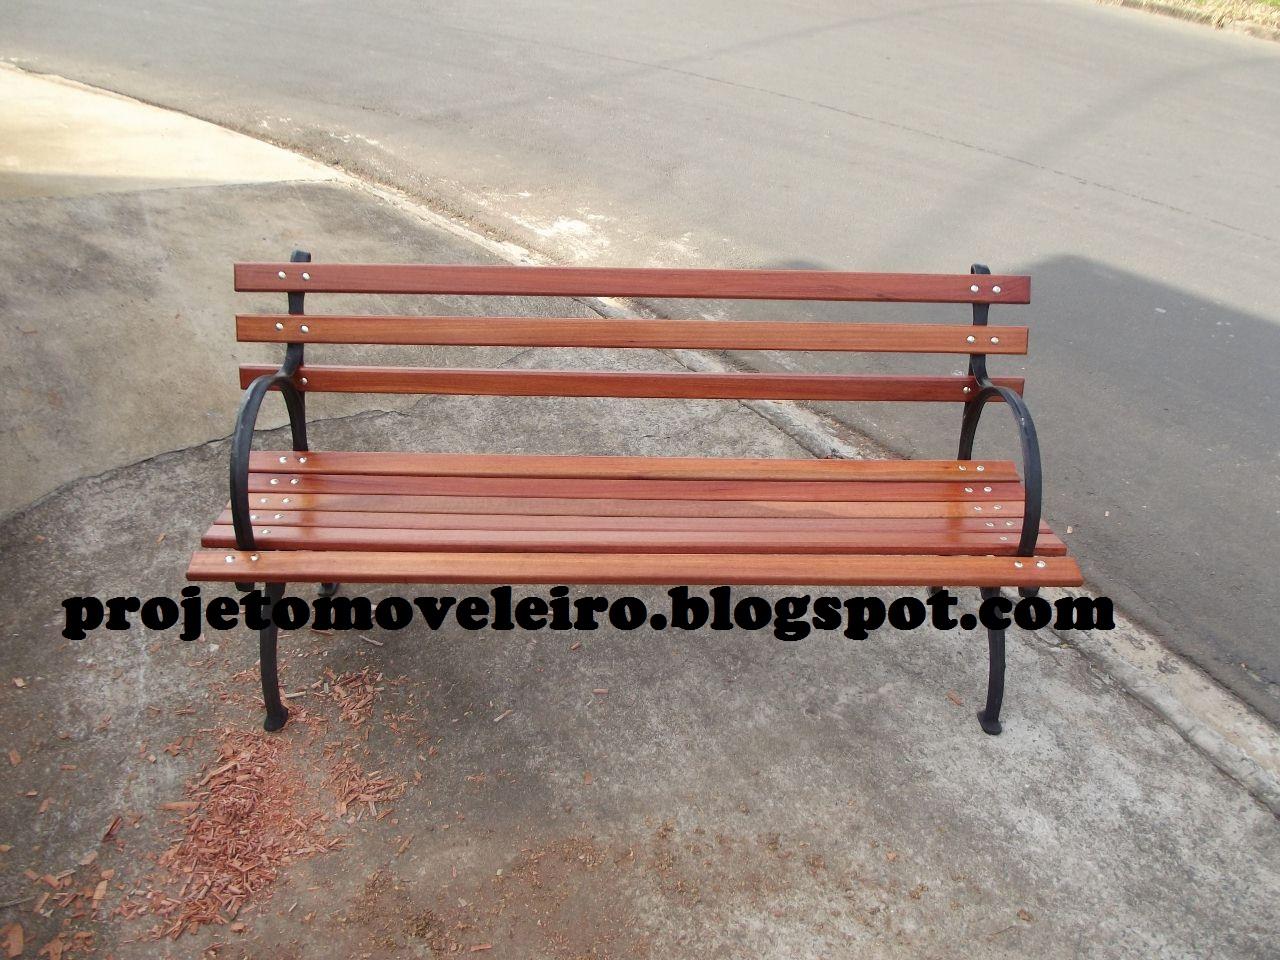 banco de jardim medidas : banco de jardim medidas:Trabalho realizado para prefeitura de Iperó/SP